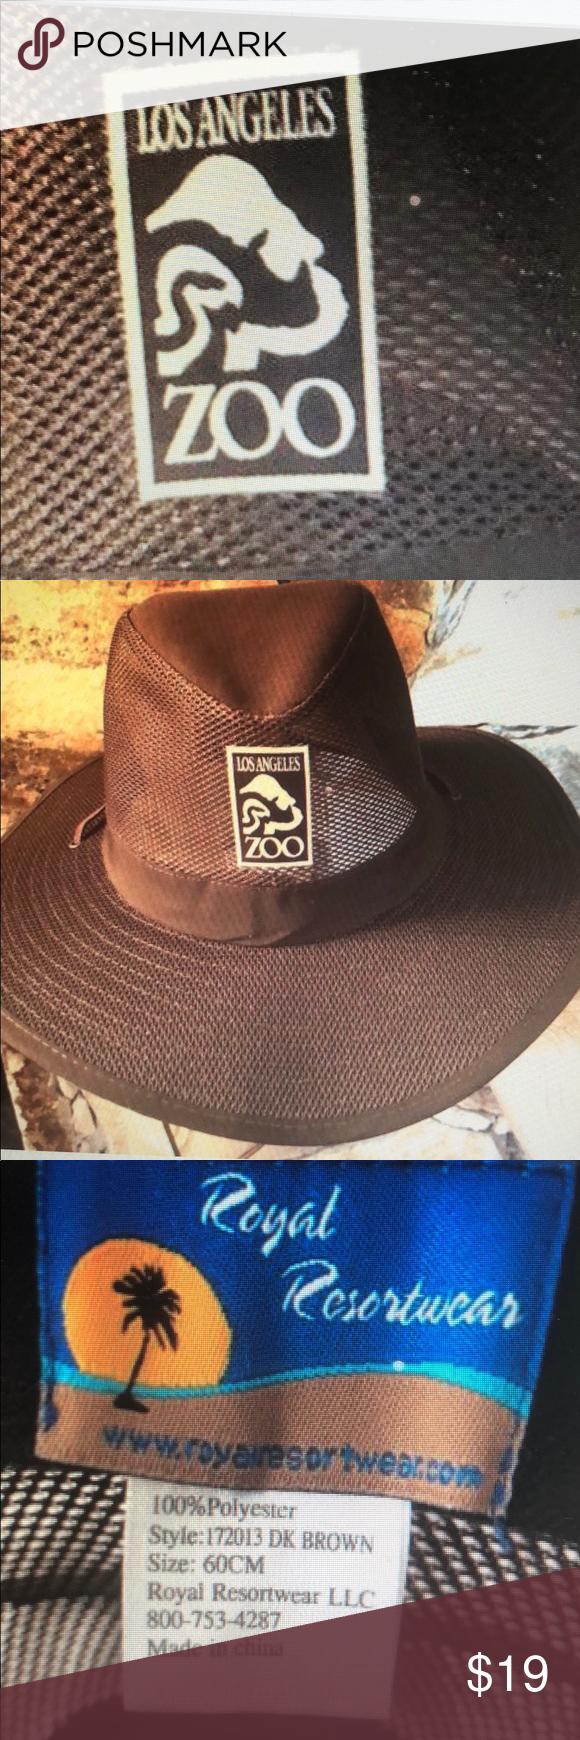 Brown Hat Los Angeles Zoo Size 60 Cm Sun Park Brown Hats Resort Wear Los Angeles Zoo